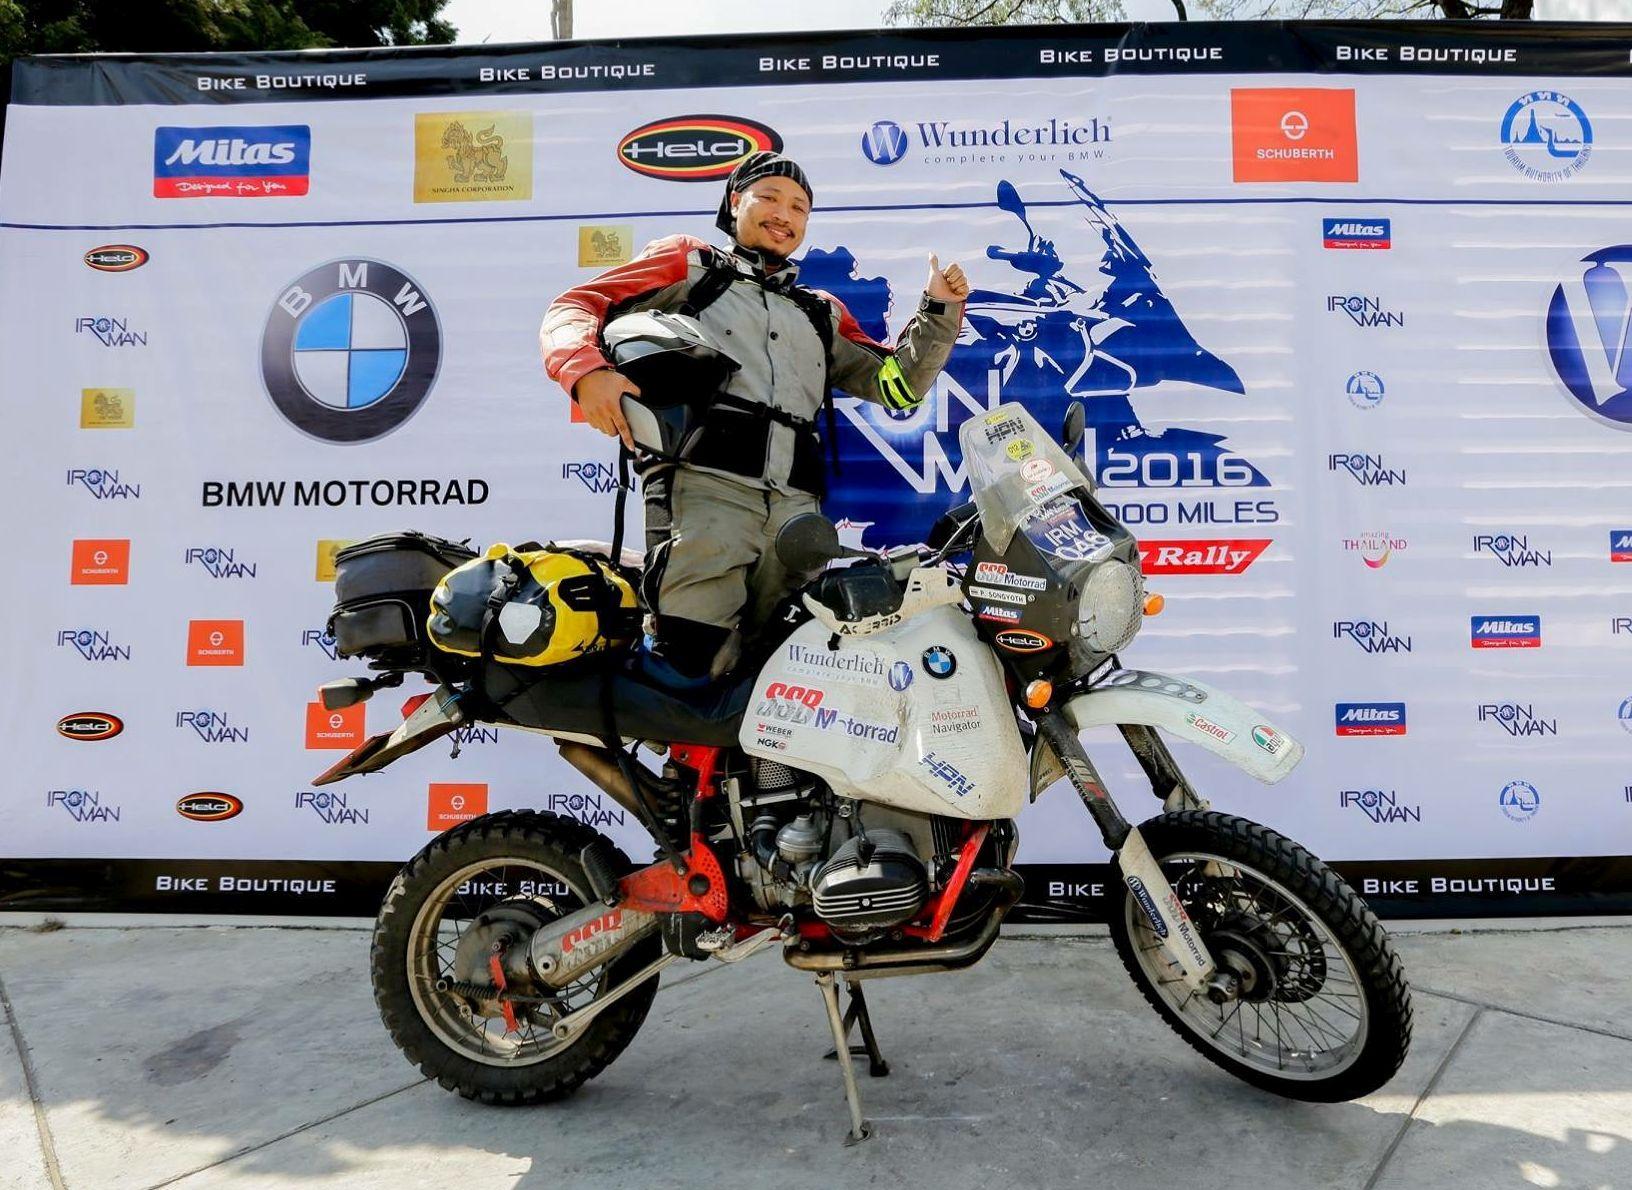 thailand-bmw-motorrad-gs-swingarm-1100-wunderlich.jpg